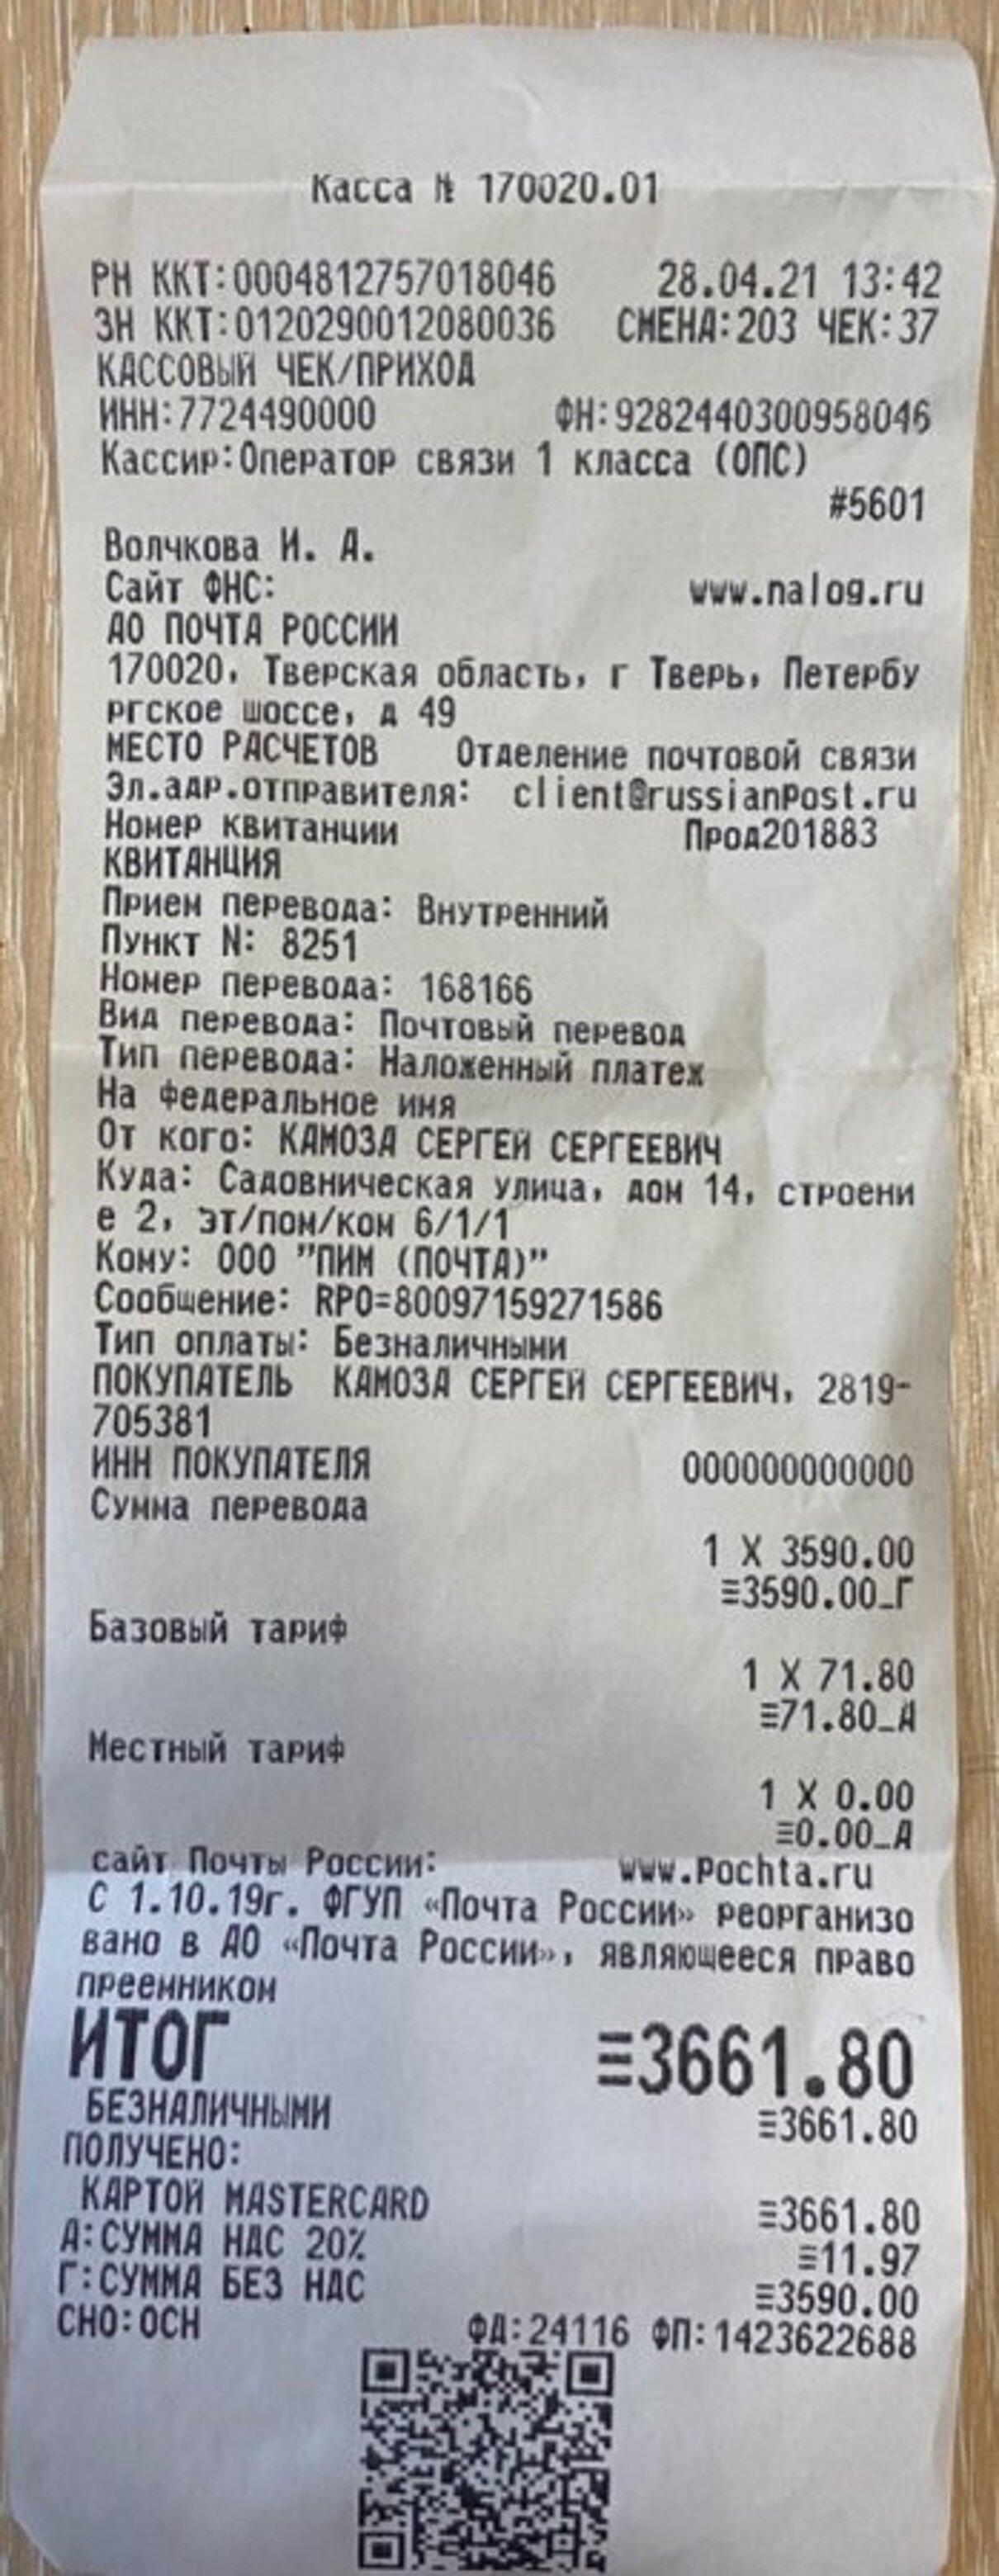 """Жалоба-отзыв: ООО """"ПИМ (ПОЧТА)"""" - Претензия.  Фото №3"""